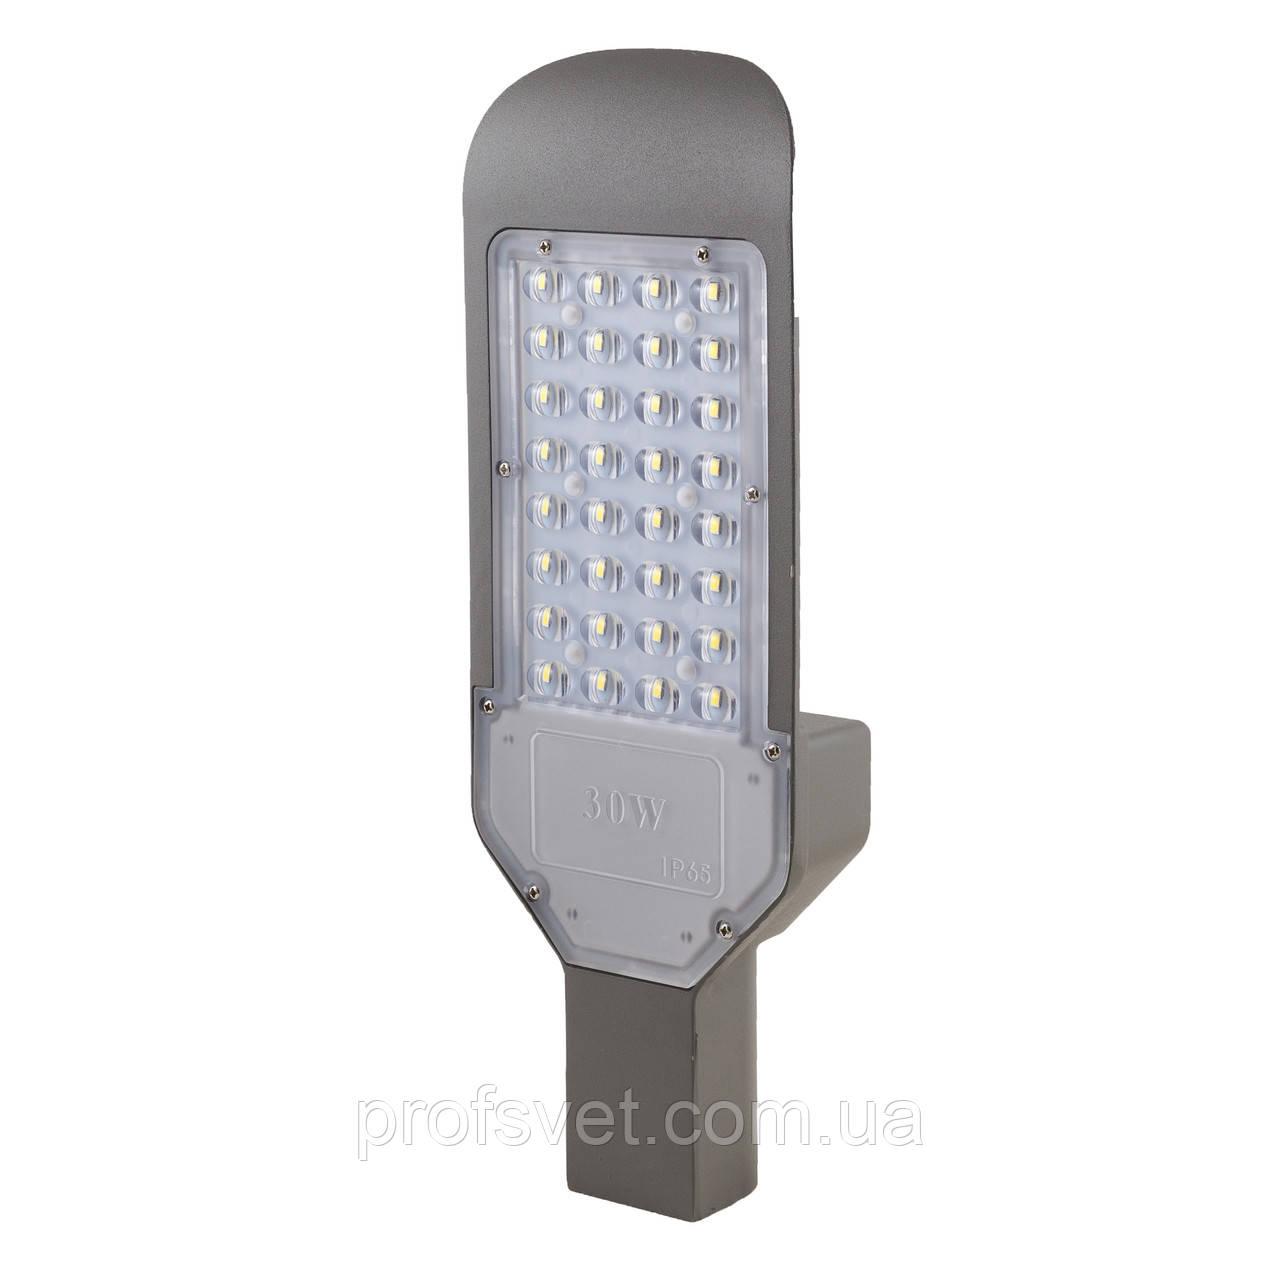 Светильник светодиодный уличный 30 ватт консольный